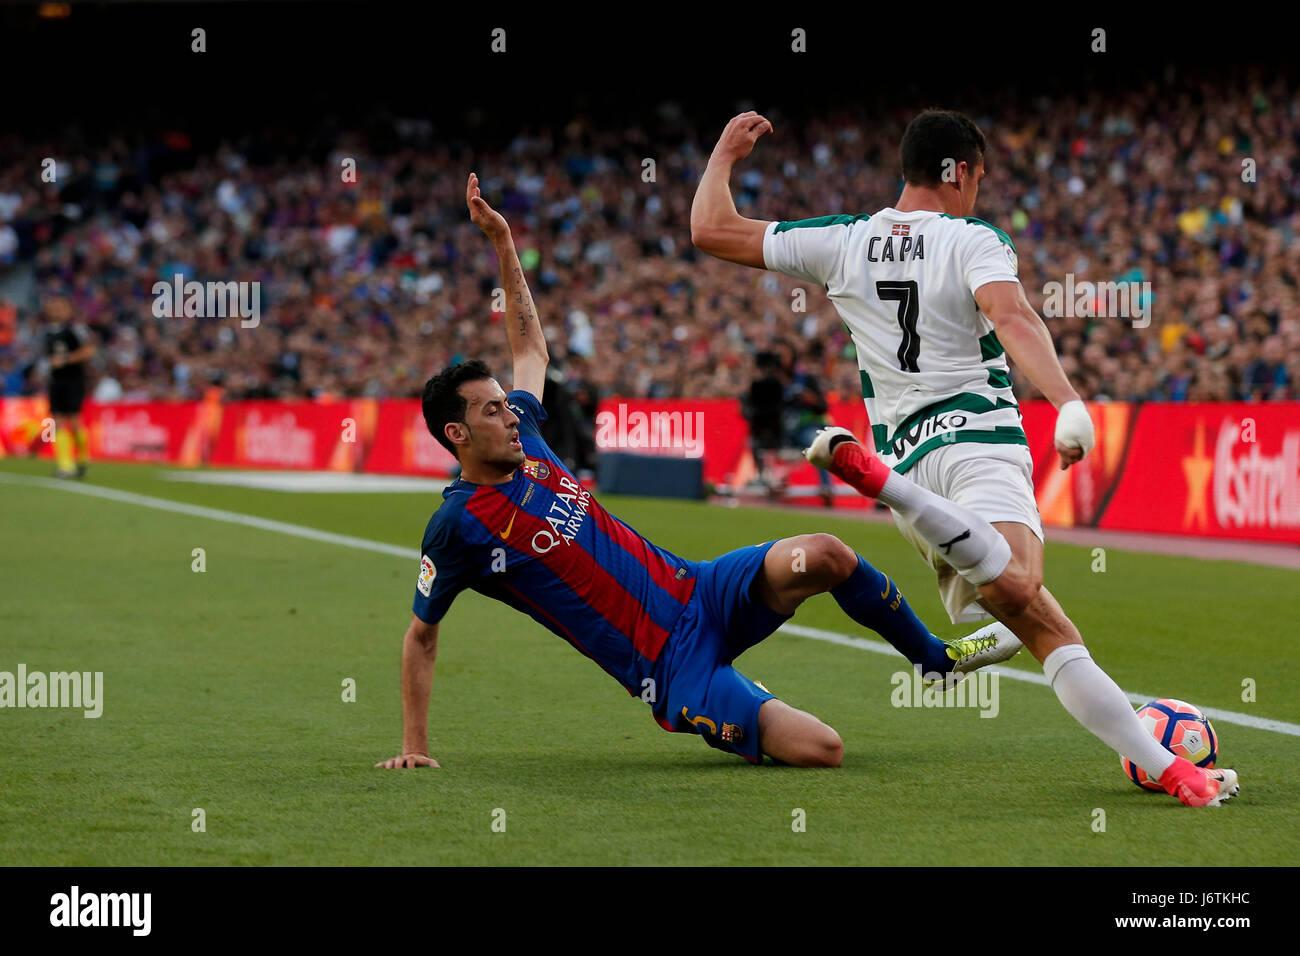 Barcelona, España. 21 de mayo, 2017. Sergio Busquets de Barcelona (L) vies con capa de Eibar durante el partido Foto de stock